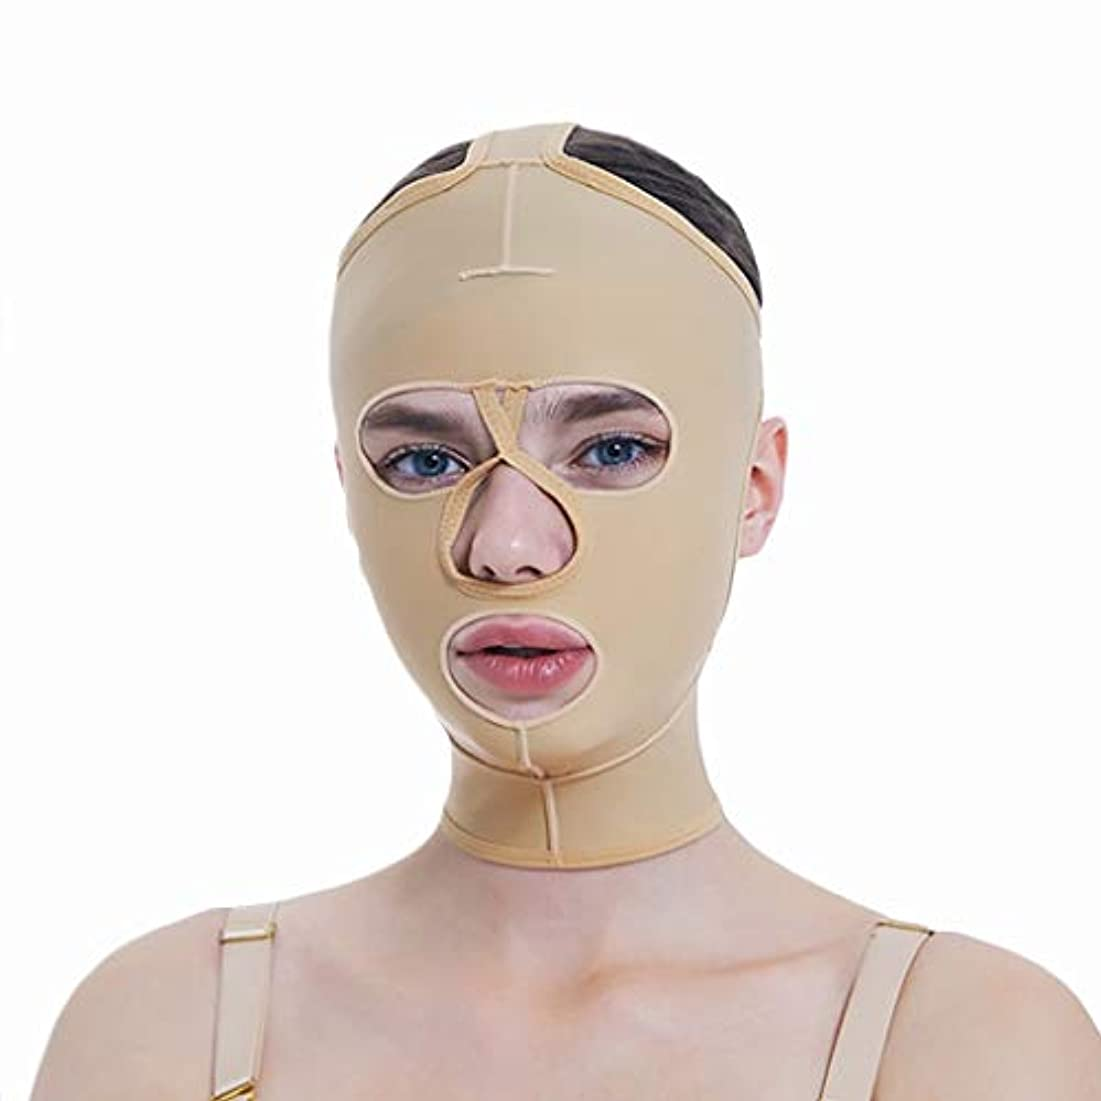 牧草地予備組立XHLMRMJ 顔の減量マスク、フルカバレッジ包帯、フルフェイスリフティングマスク、フェイスマスク、快適で通気性、リフティングシェーピング (Size : M)